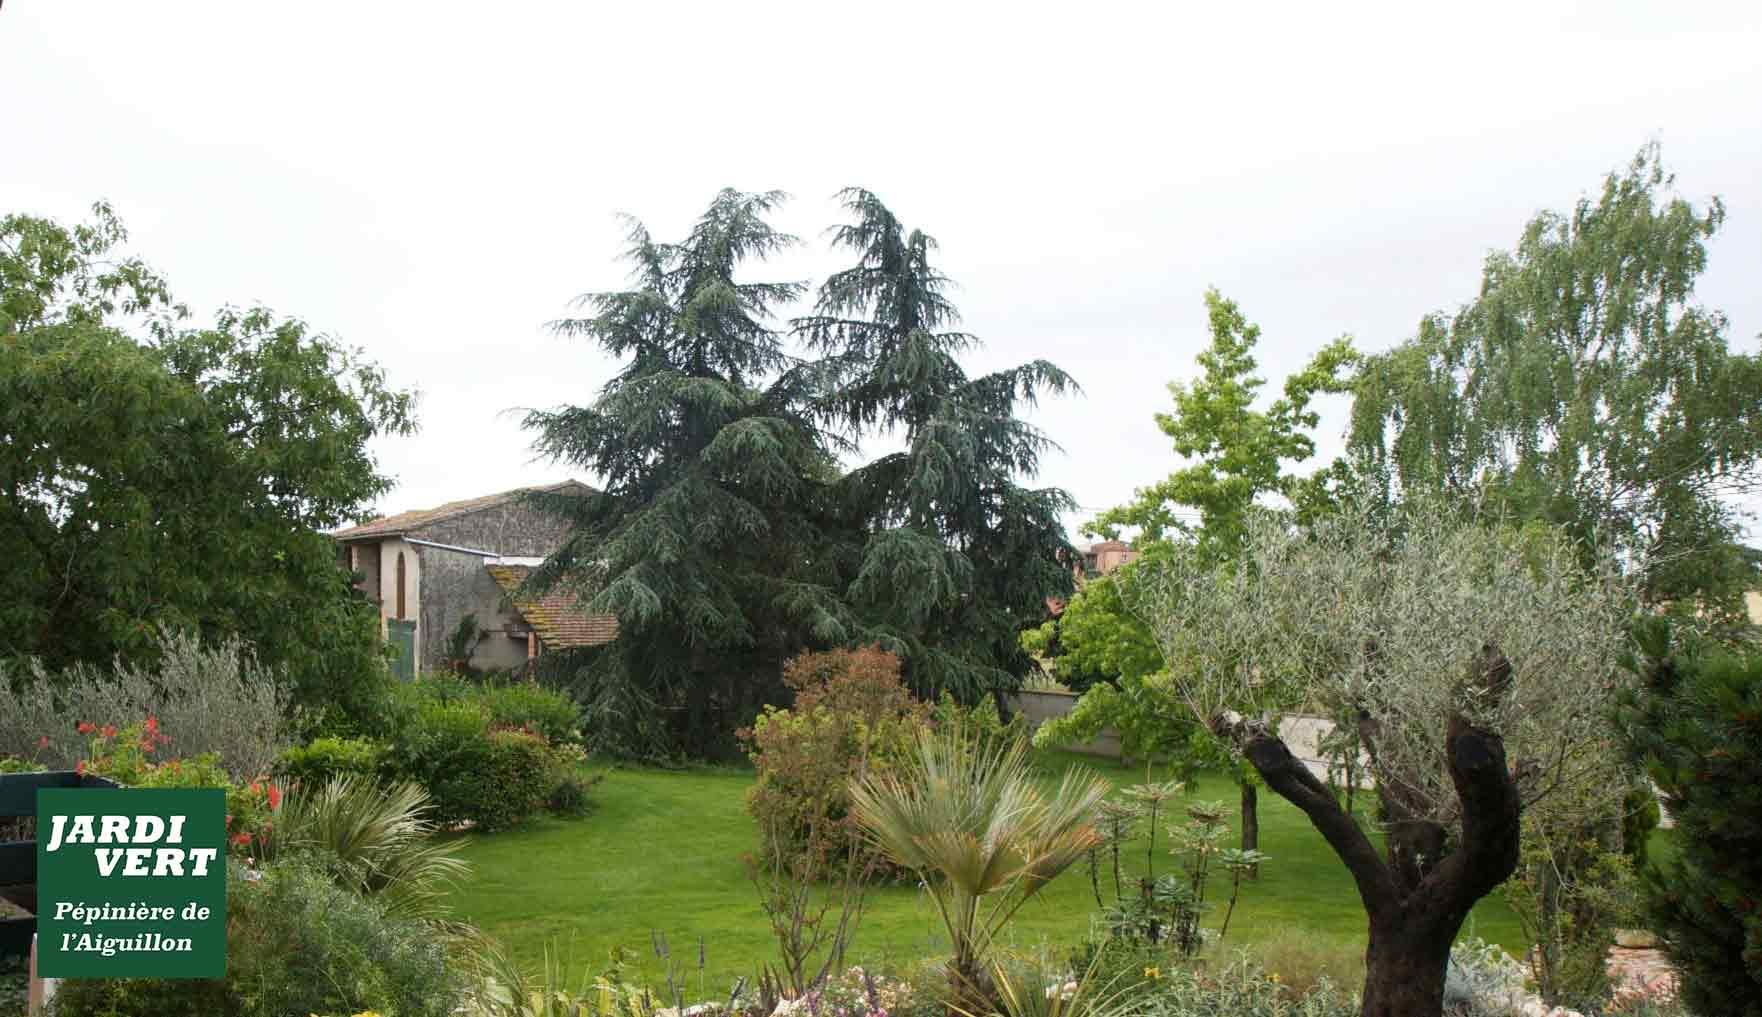 Aménagements de parcs et jardin, espaces verts pour les particuliers - Jardi Vert à Toulouse